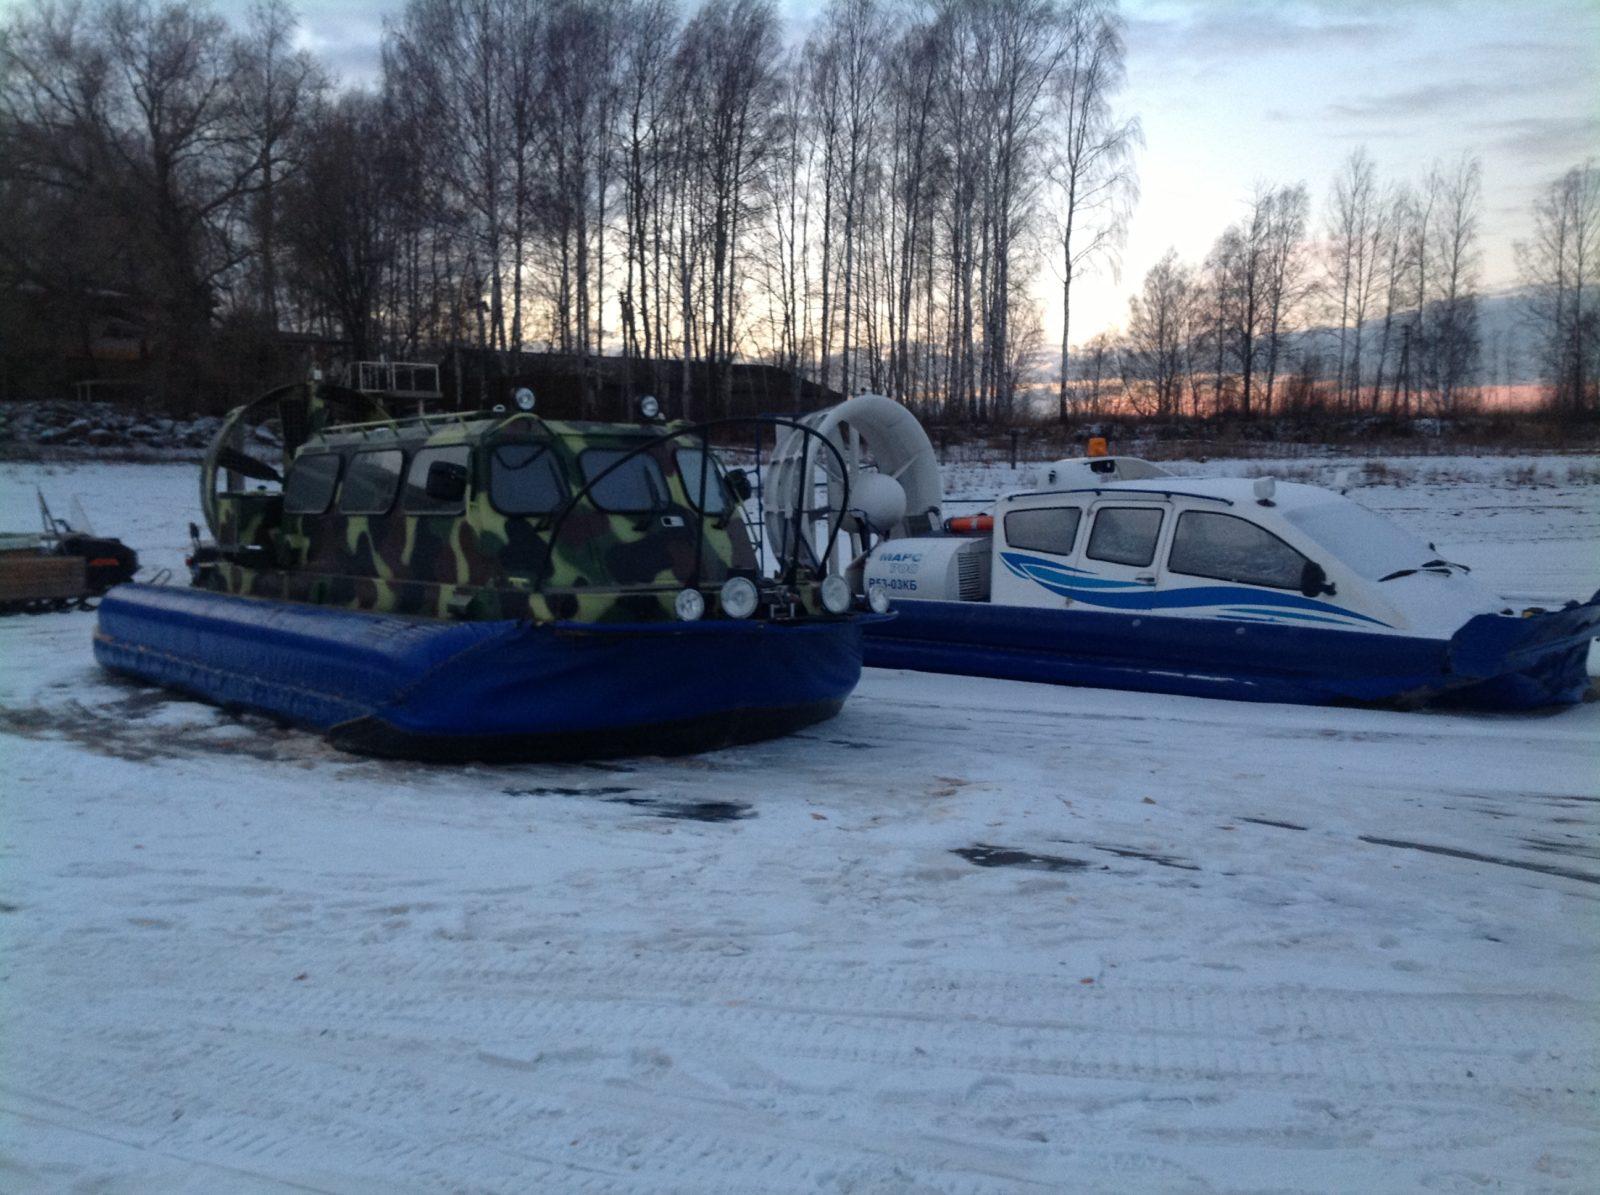 катера на воздушной подушке рыбалка охота и отдых рыболовная база Черкасово рыбинское водохранилище - наши катера на воздушной подушке